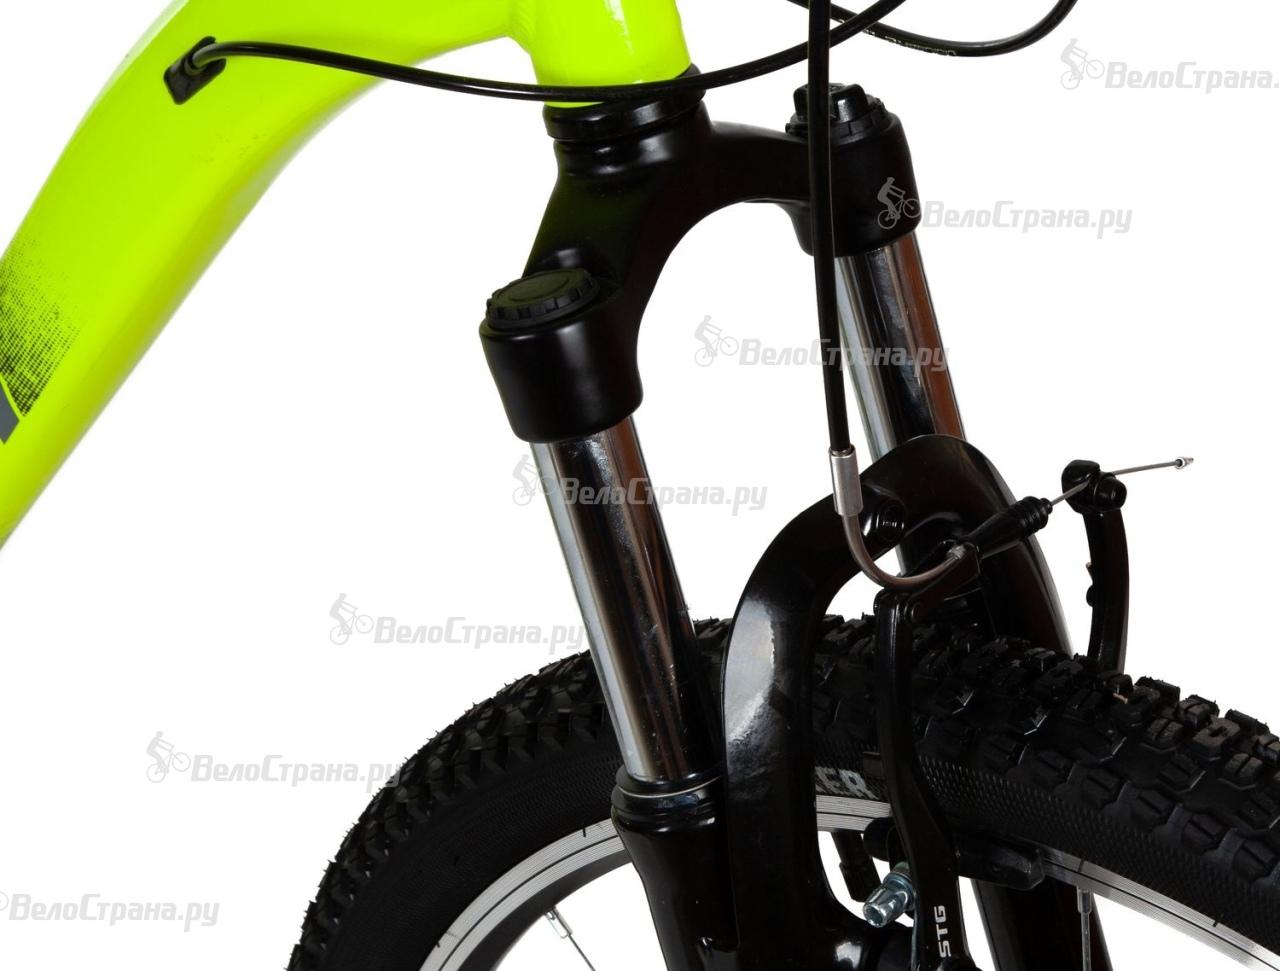 """Горный велосипед Stinger Element STD Microshift 29"""" (2021) купить в Краснодаре, цена, фото в интернет-магазине ВелоСтрана.ру"""